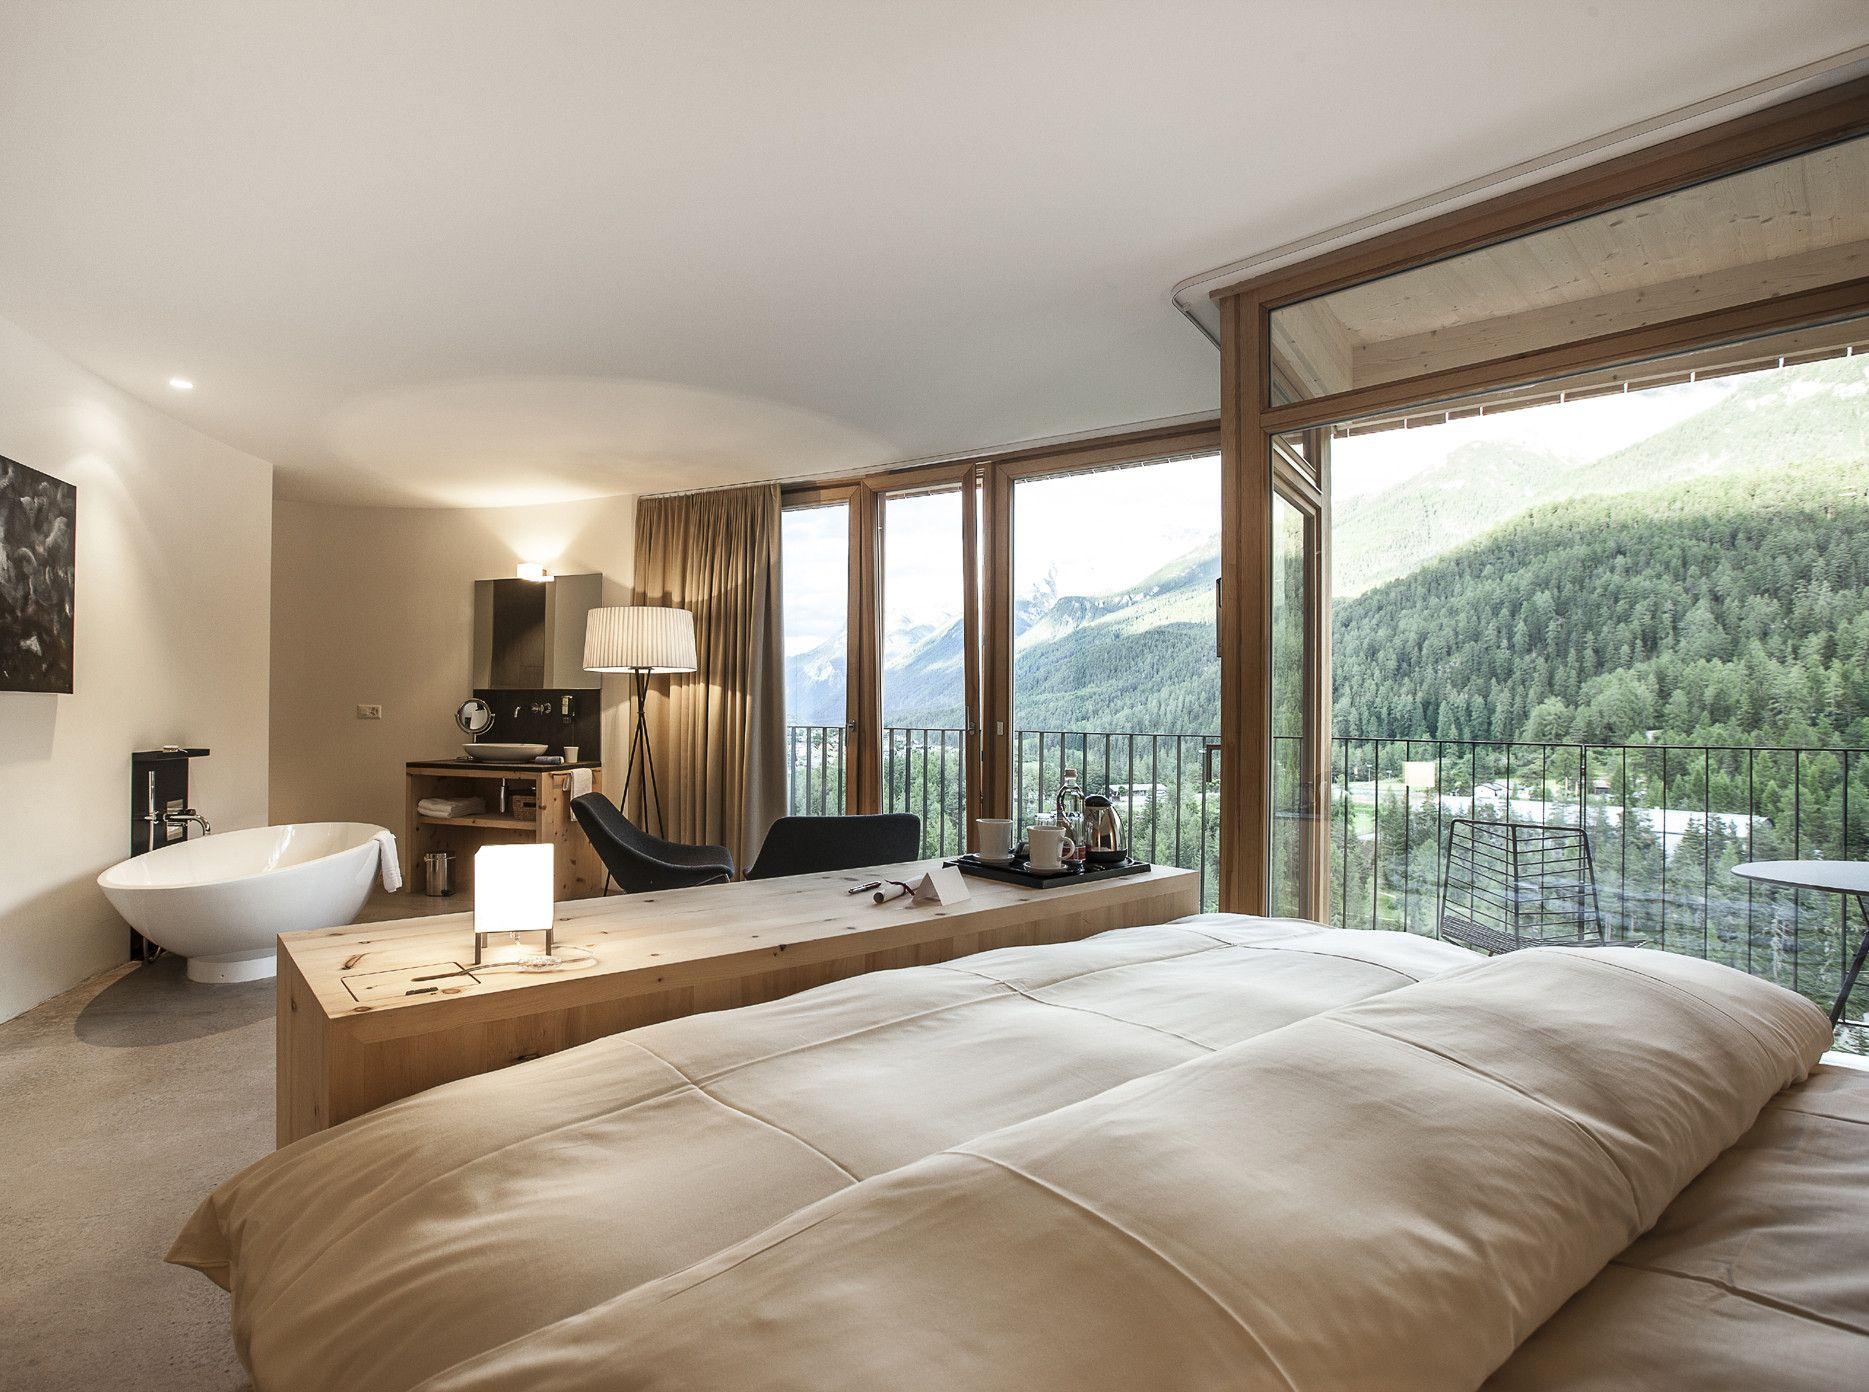 hotel arnica in scuol - bad und sanitär - hotel/gastronomie, Wohnzimmer dekoo